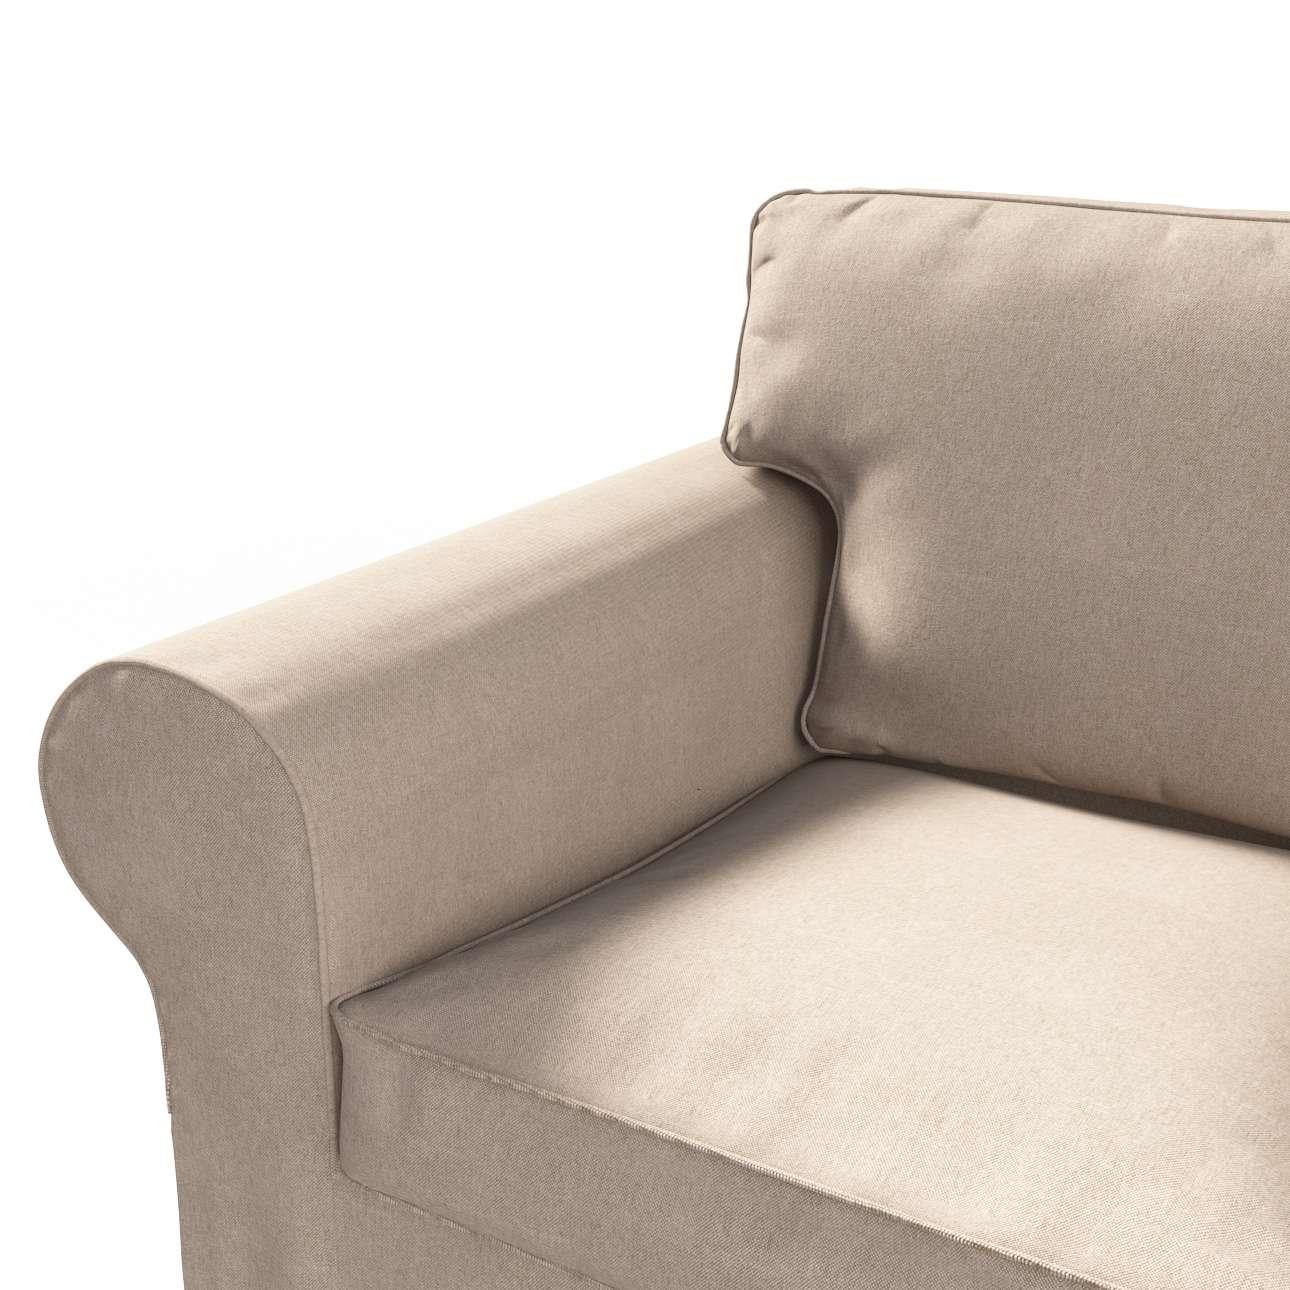 Ektorp 2-Sitzer Schlafsofabezug  NEUES Modell  Sofabezug für  Ektorp 2-Sitzer ausklappbar, neues Modell von der Kollektion Etna, Stoff: 705-09